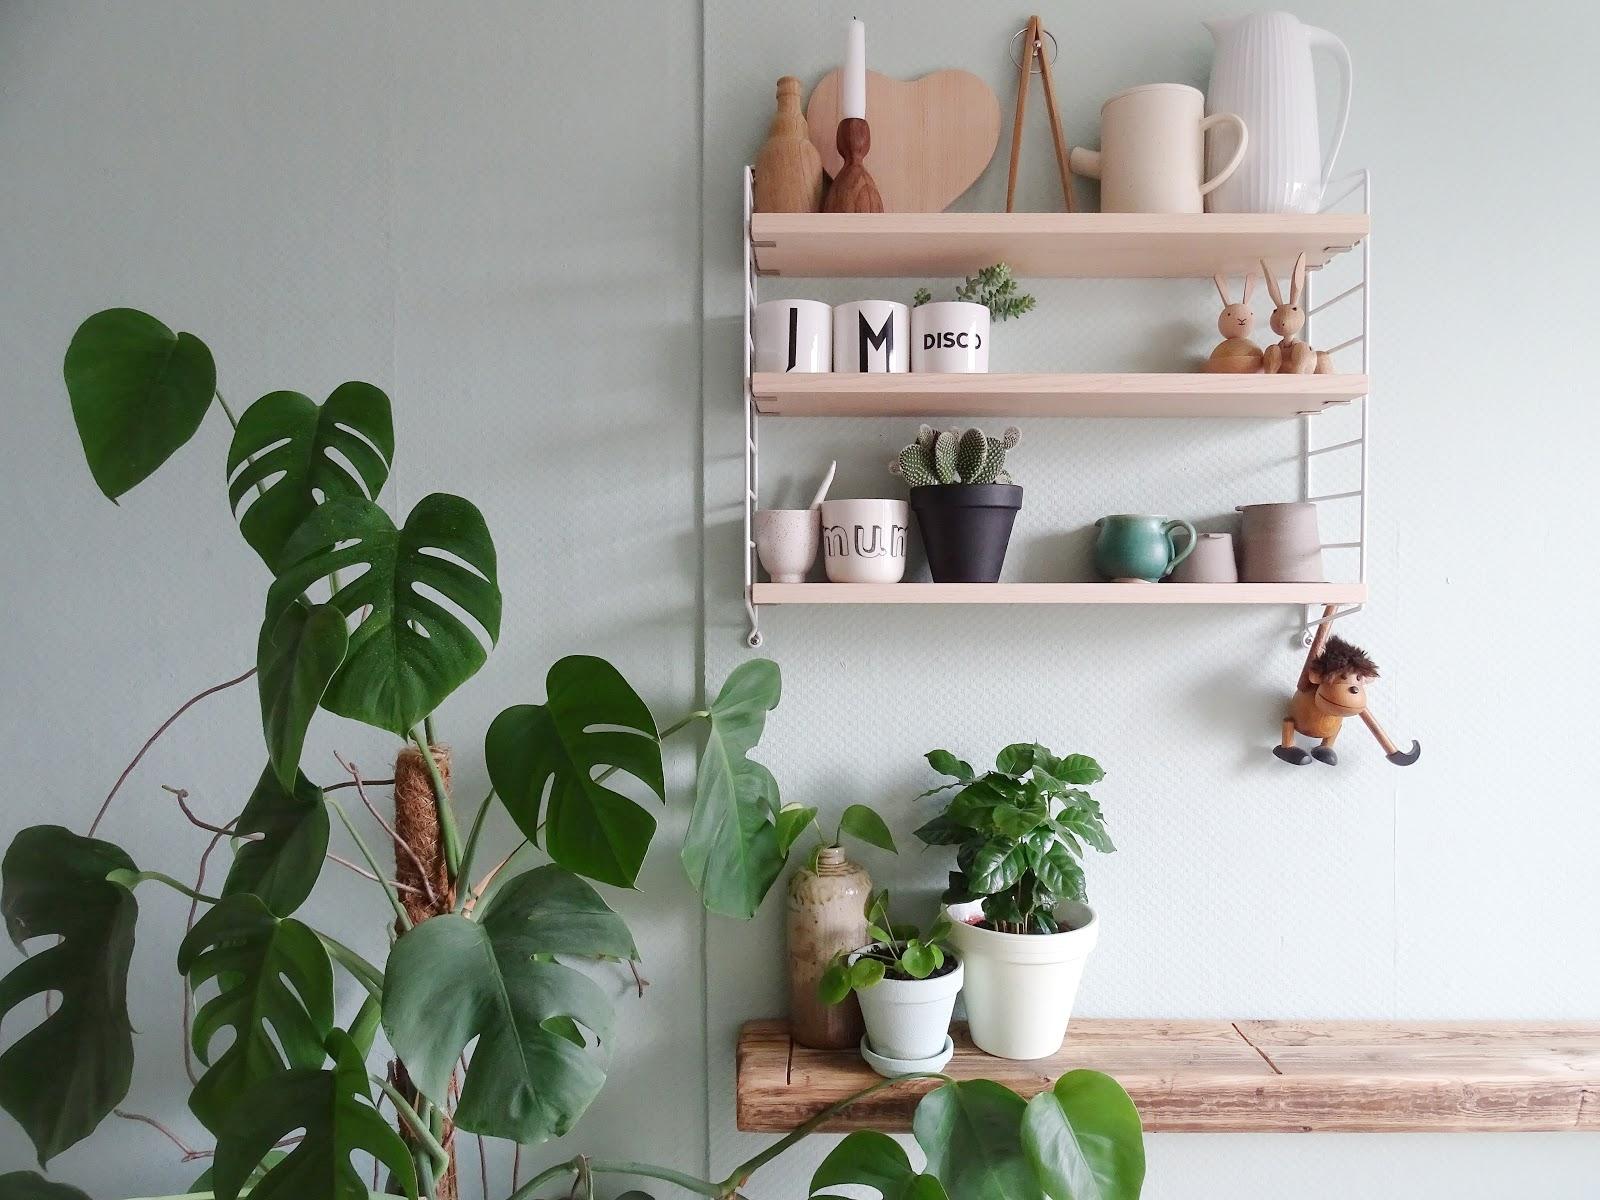 Küchen-Makeover mit neuer Wandfarbe in Mint + Styling-Ideen für Regale + Deko-Ideen mit Pflanzen, einem Altholzregal und String-Regal - www.mammilade.blogspot.de